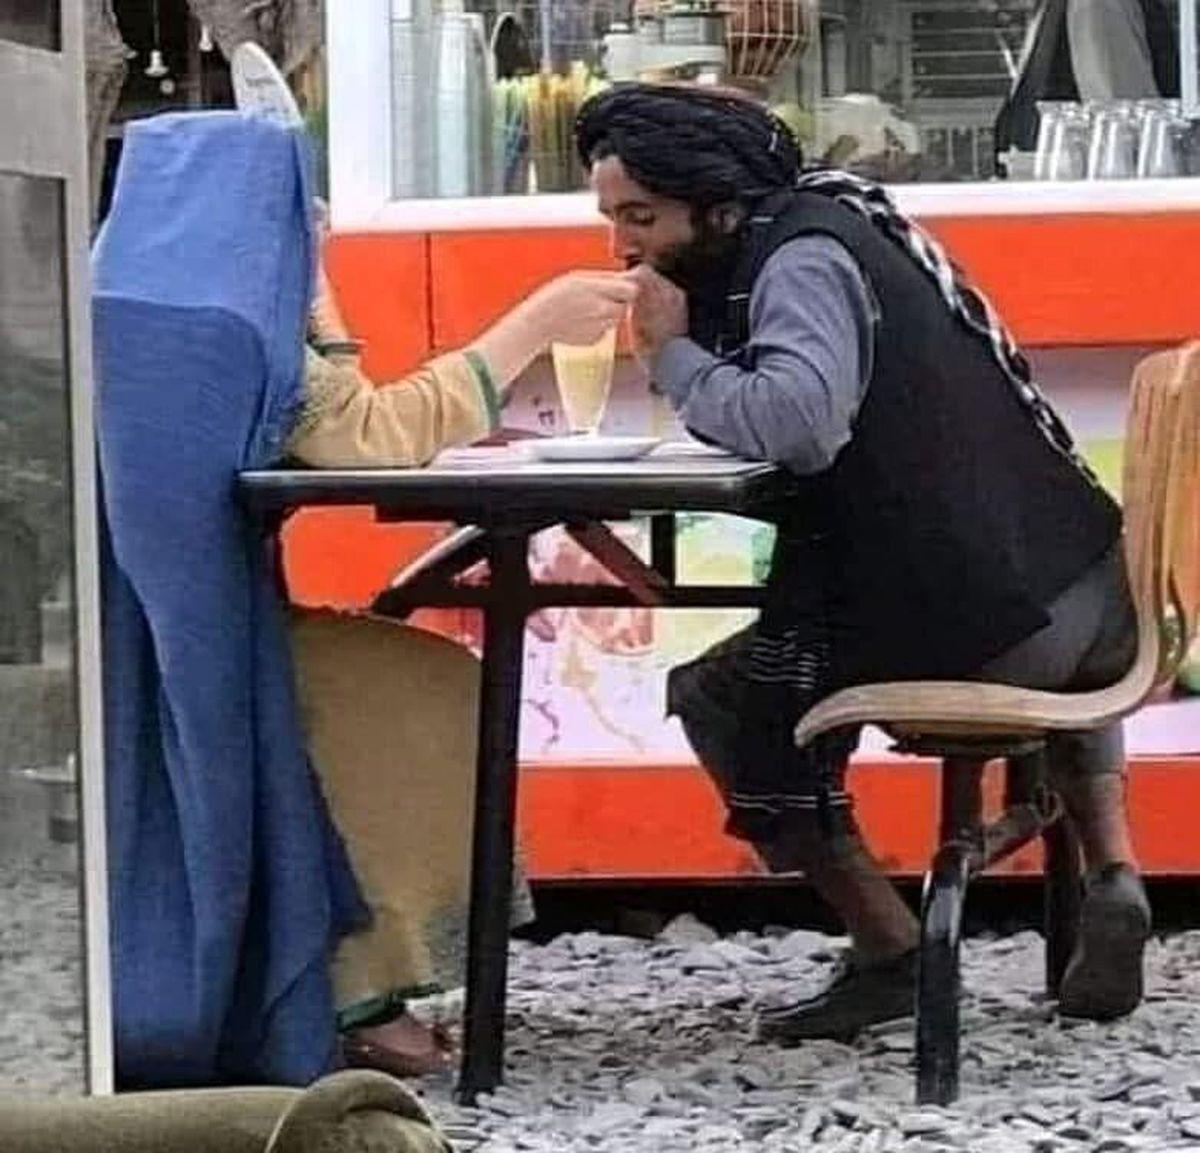 قرار عاشقانه یک عضو طالبان در کافه سیار در کابل! +عکش